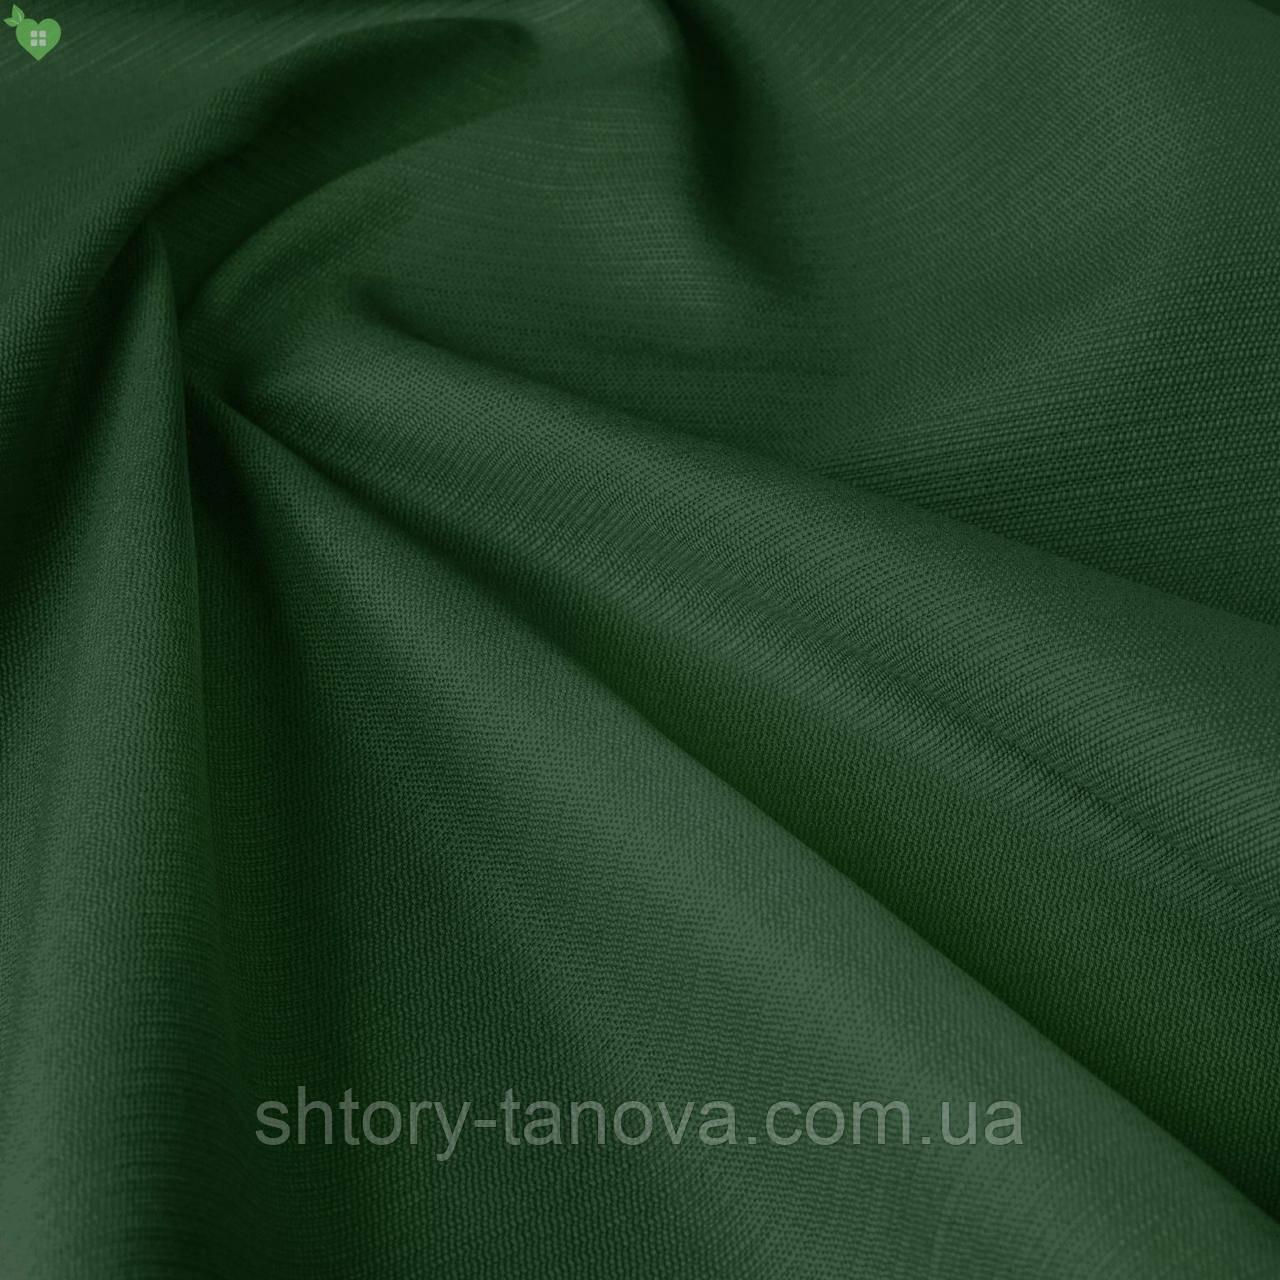 Уличная ткань с фактурой зеленого цвета для террасы